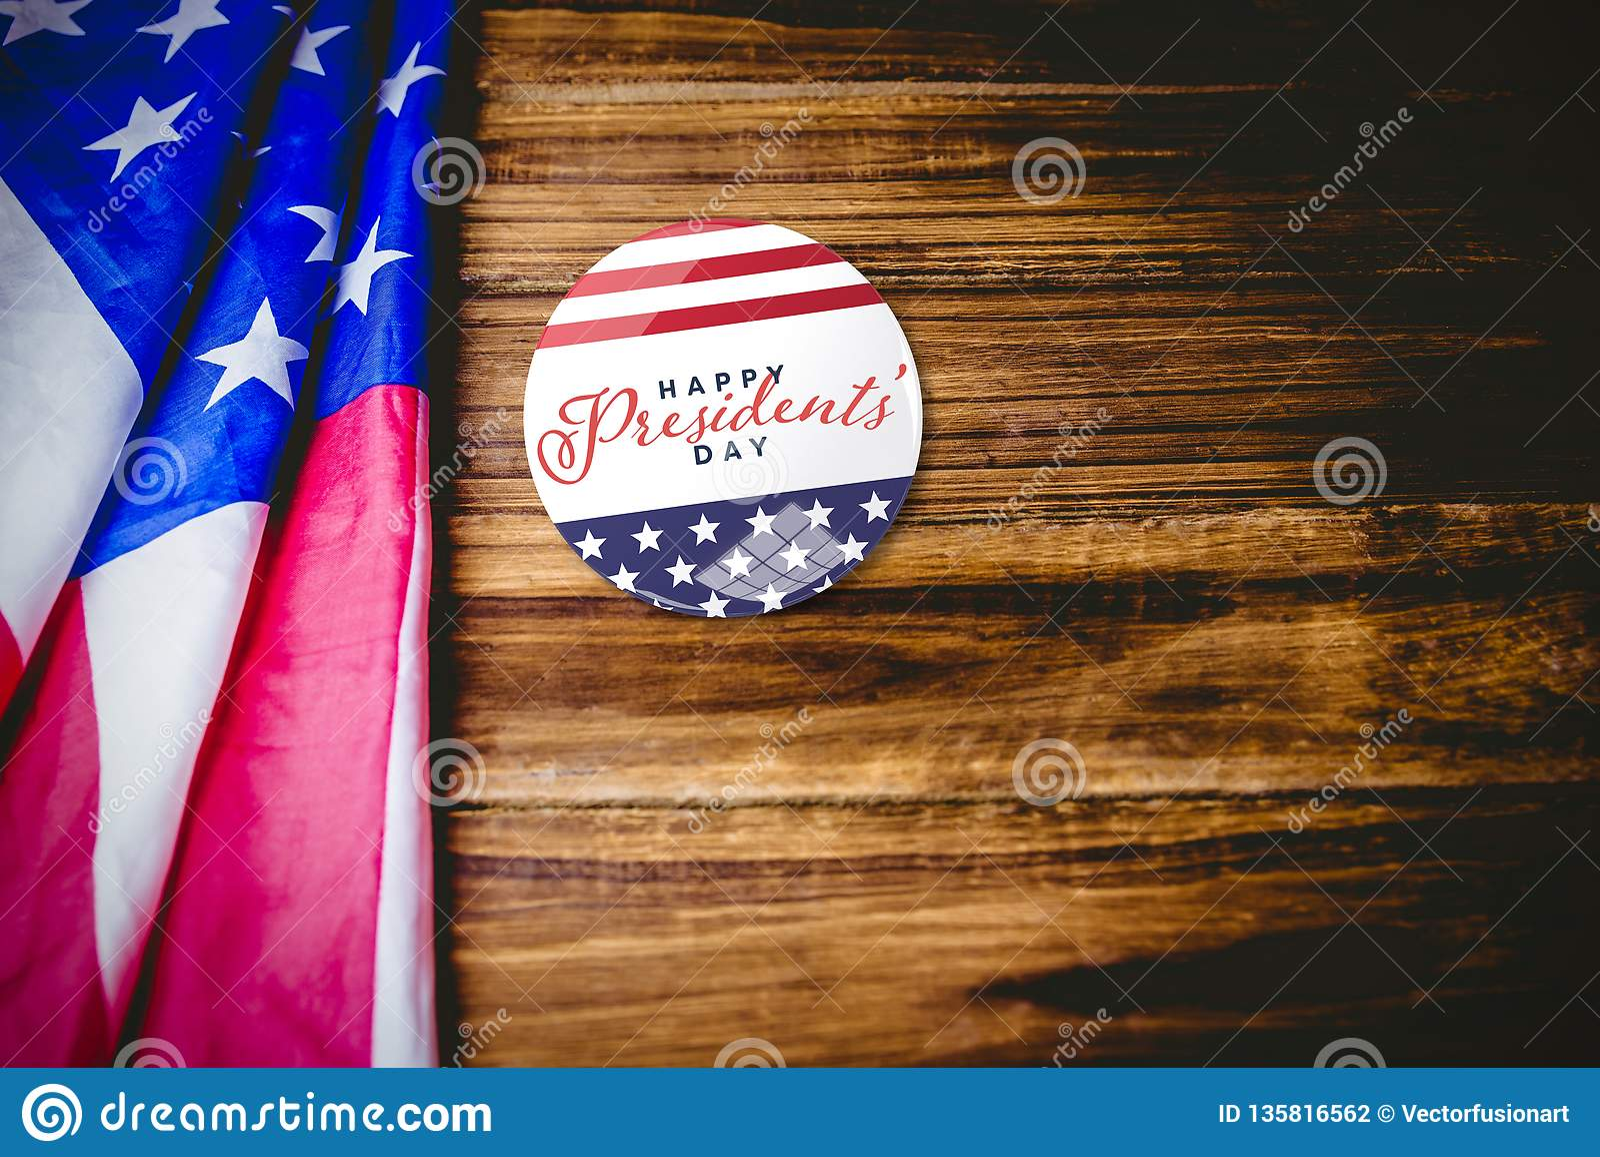 Immagine composita del giorno felice di presidenti tipografia